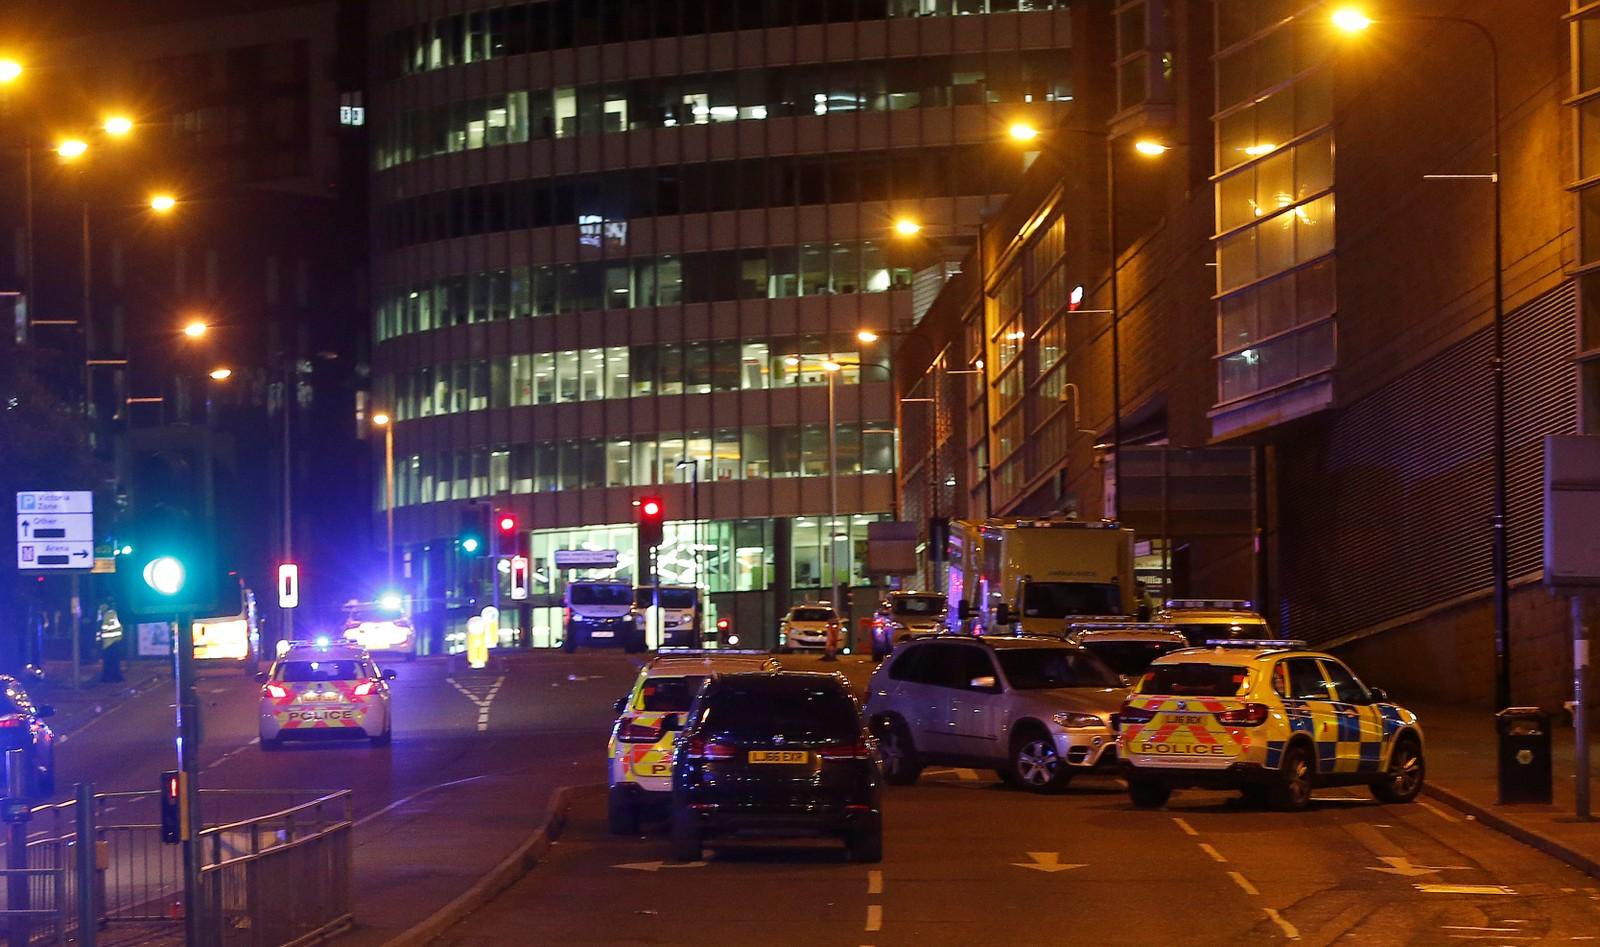 Stort politioppbud i gatene rundt åstedet nå i natt.